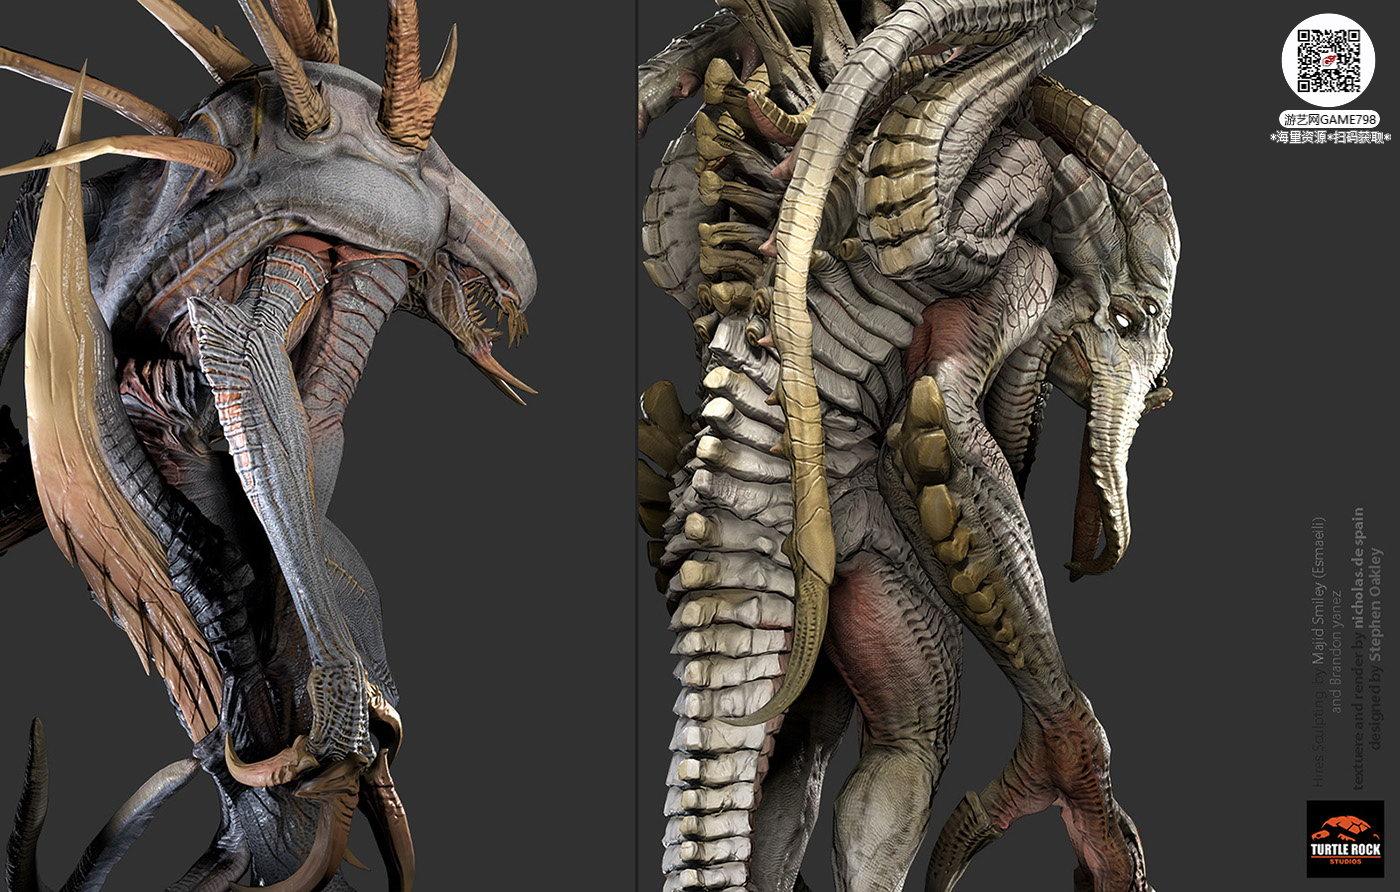 010_关注游艺网公众号获海量资源_3D网游次世代模型大图参考机械怪兽科幻ZBrush4R8雕刻.jpg